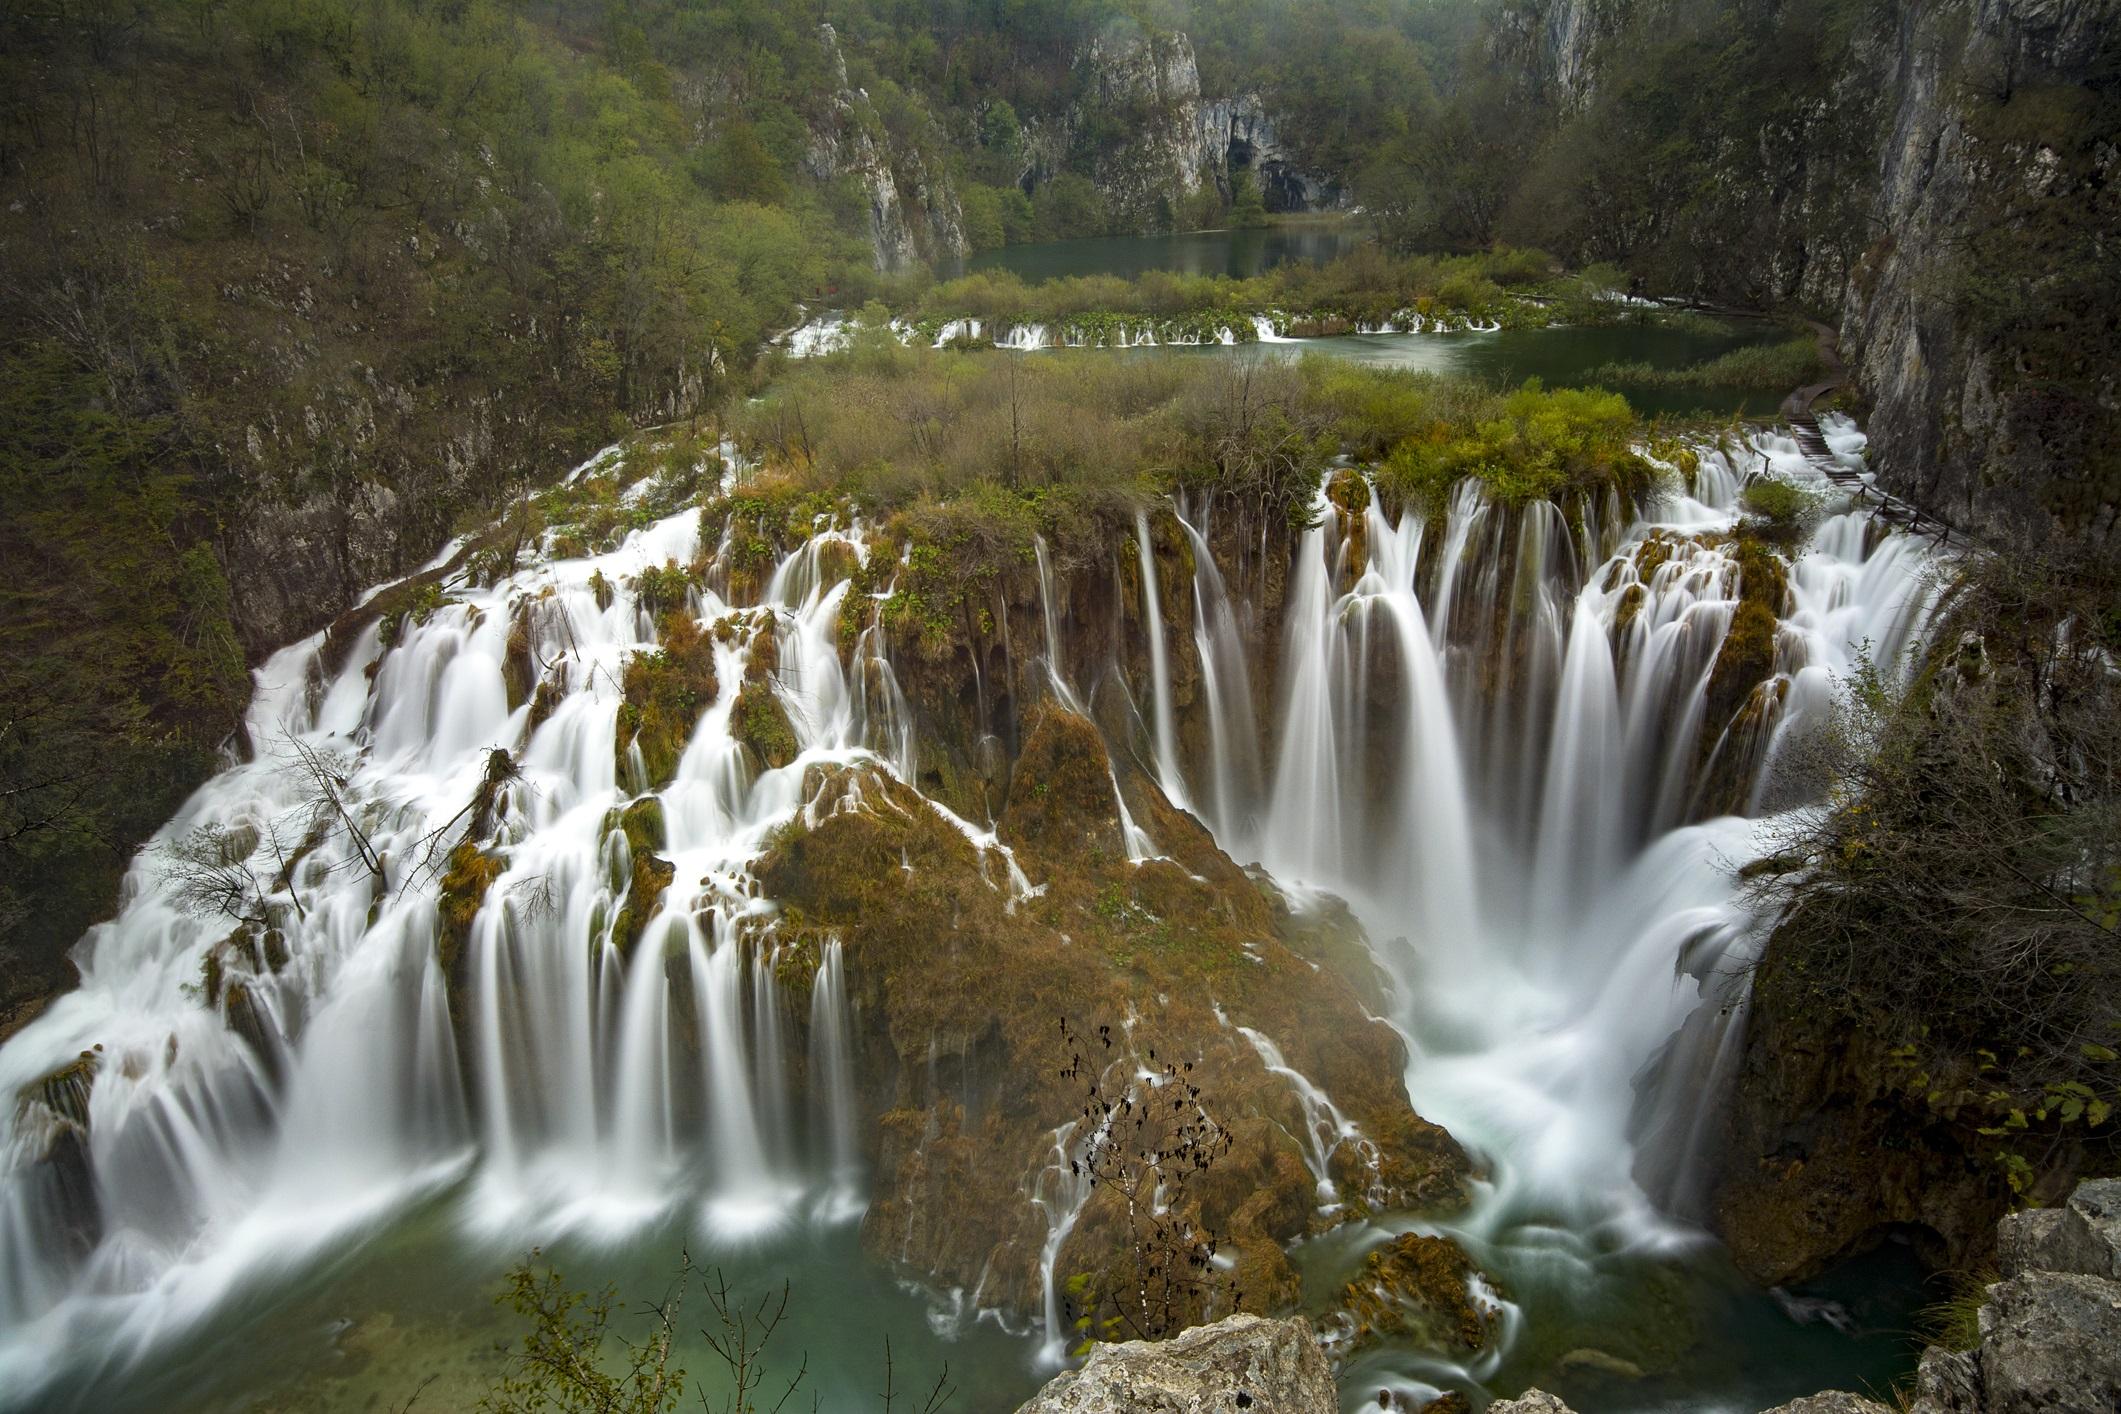 <p><strong>Национален парк Плитвички езера, Хърватия</strong></p>  <p>Националният парк Плитвички езера също е включен в списъка на ЮНЕСКО със световното културно и природно наследство. Около групата водопади терасовидно са разположени 16 езера. До тях посетителите могат да стигнат по планински пътеки, с лодка или с туристическо влакче.</p>